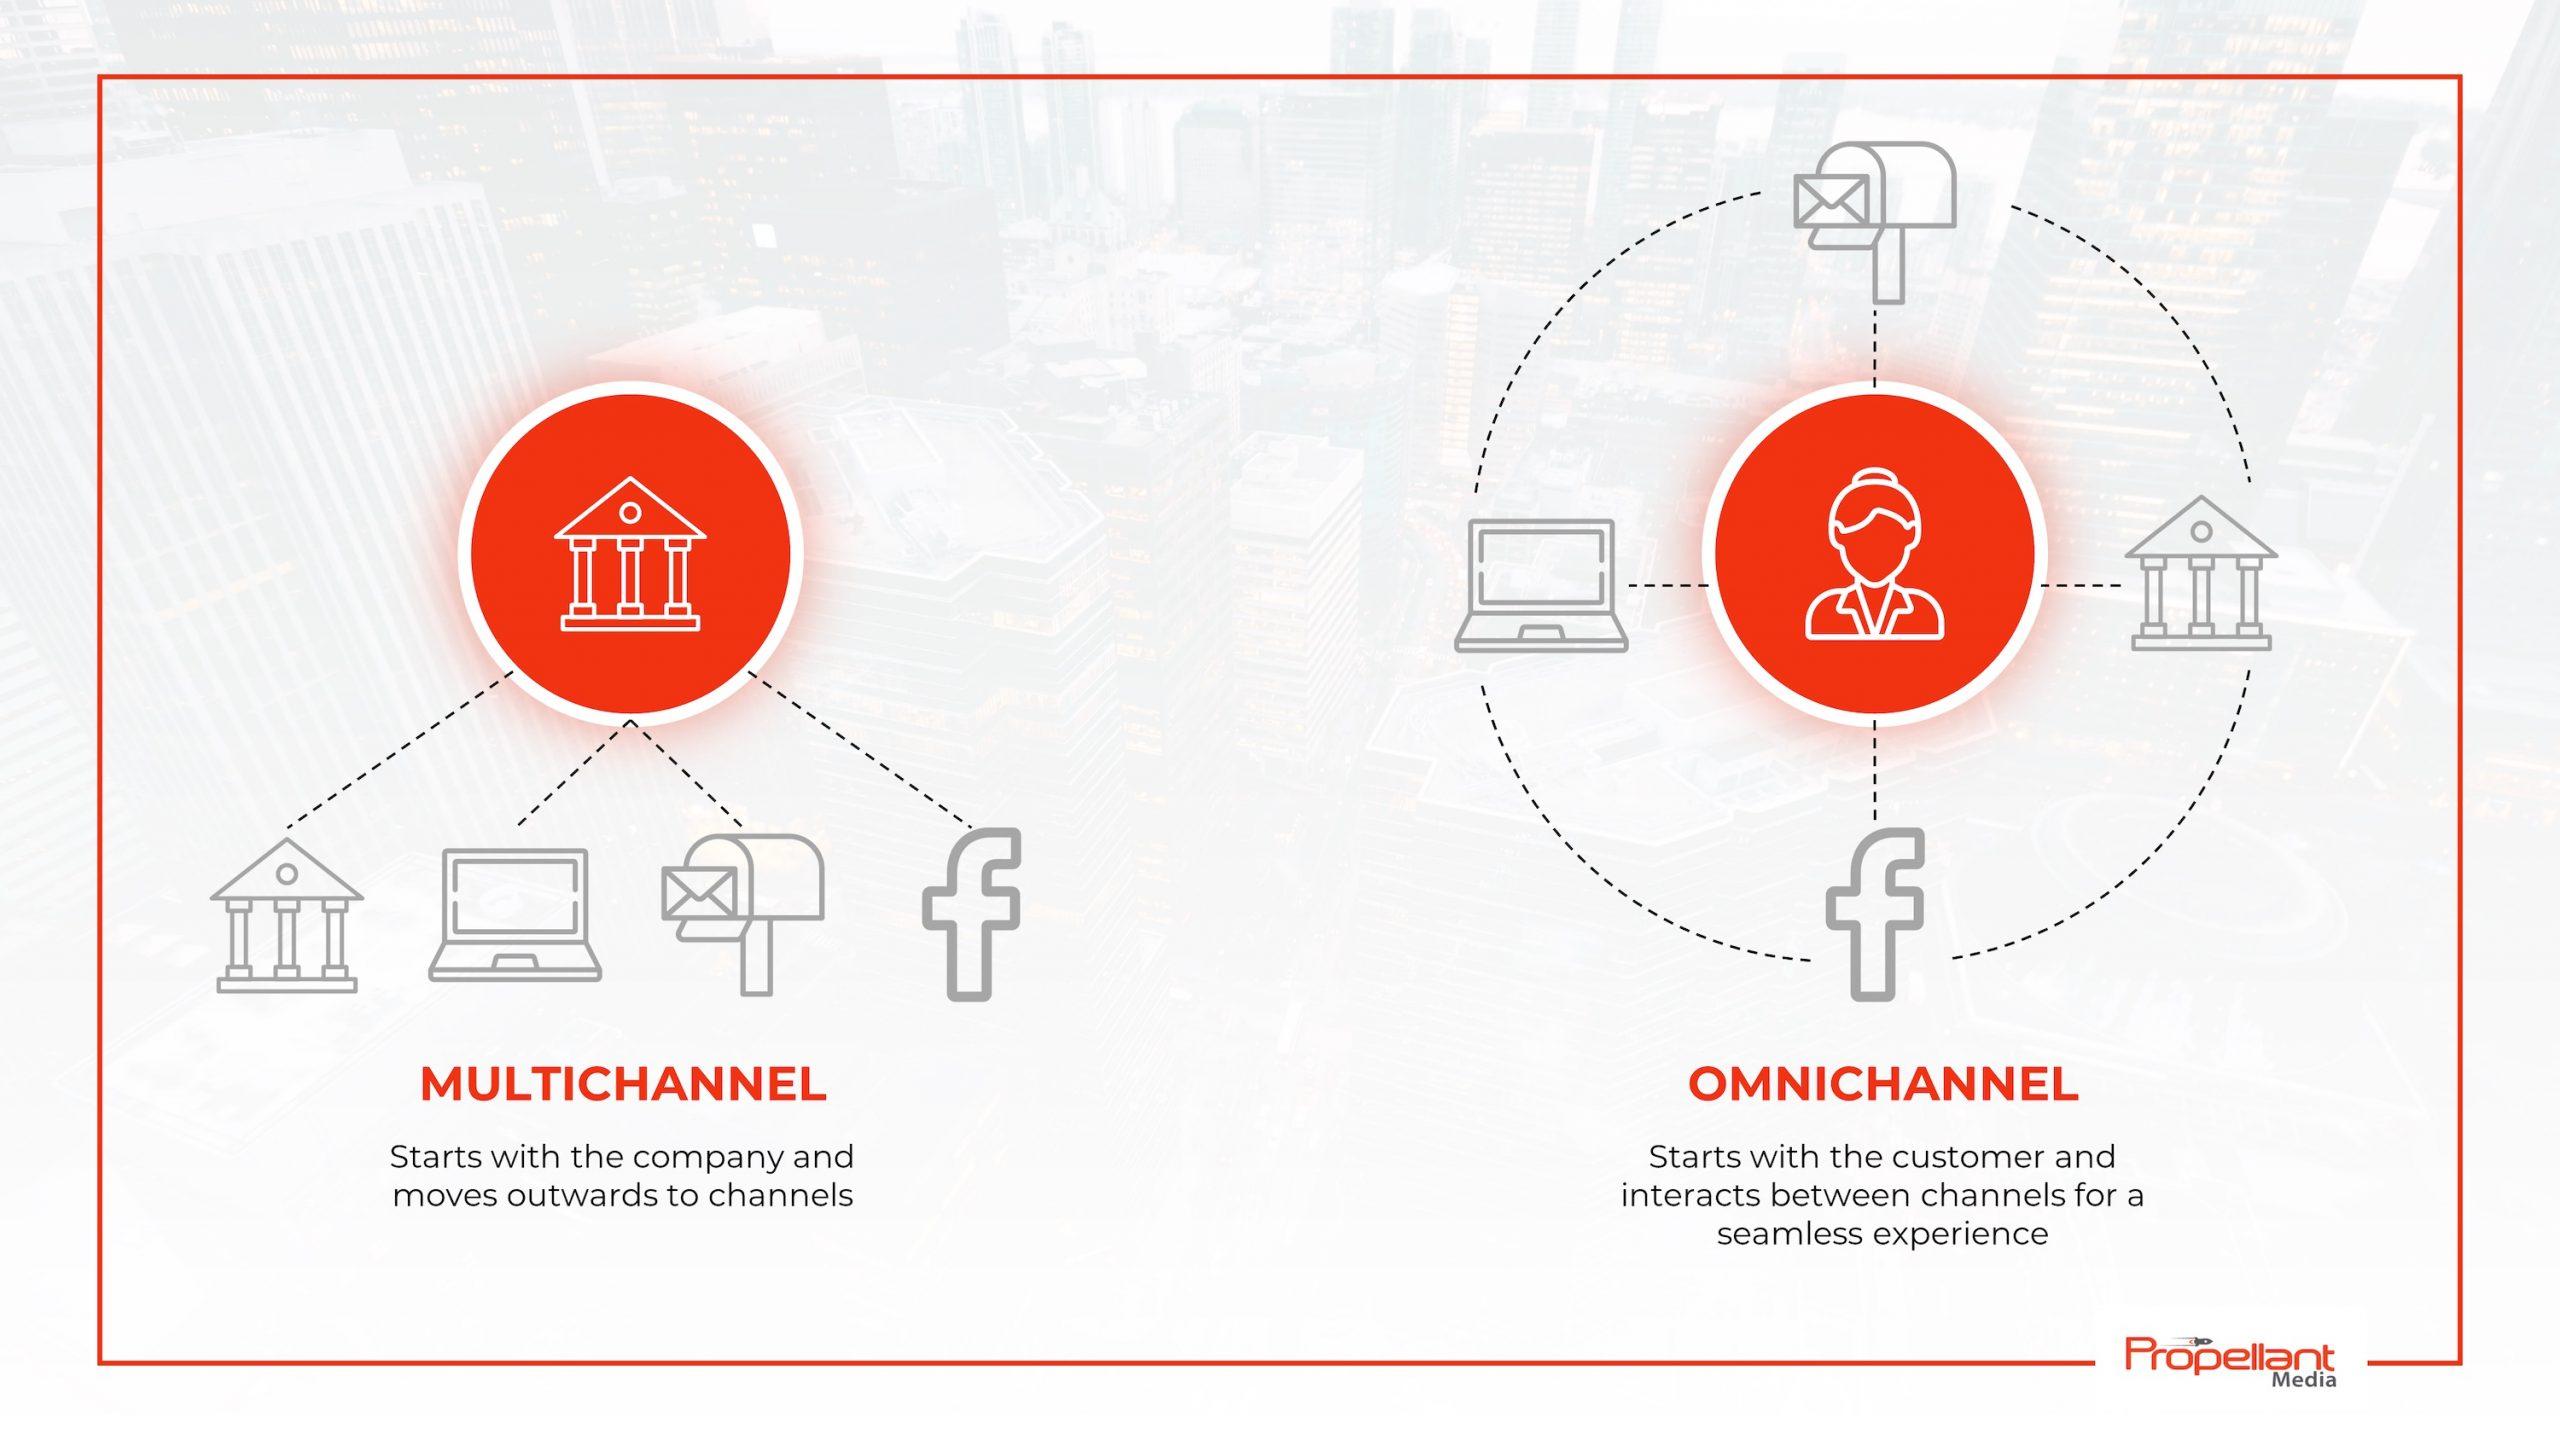 multichannel versus omnichannel marketing